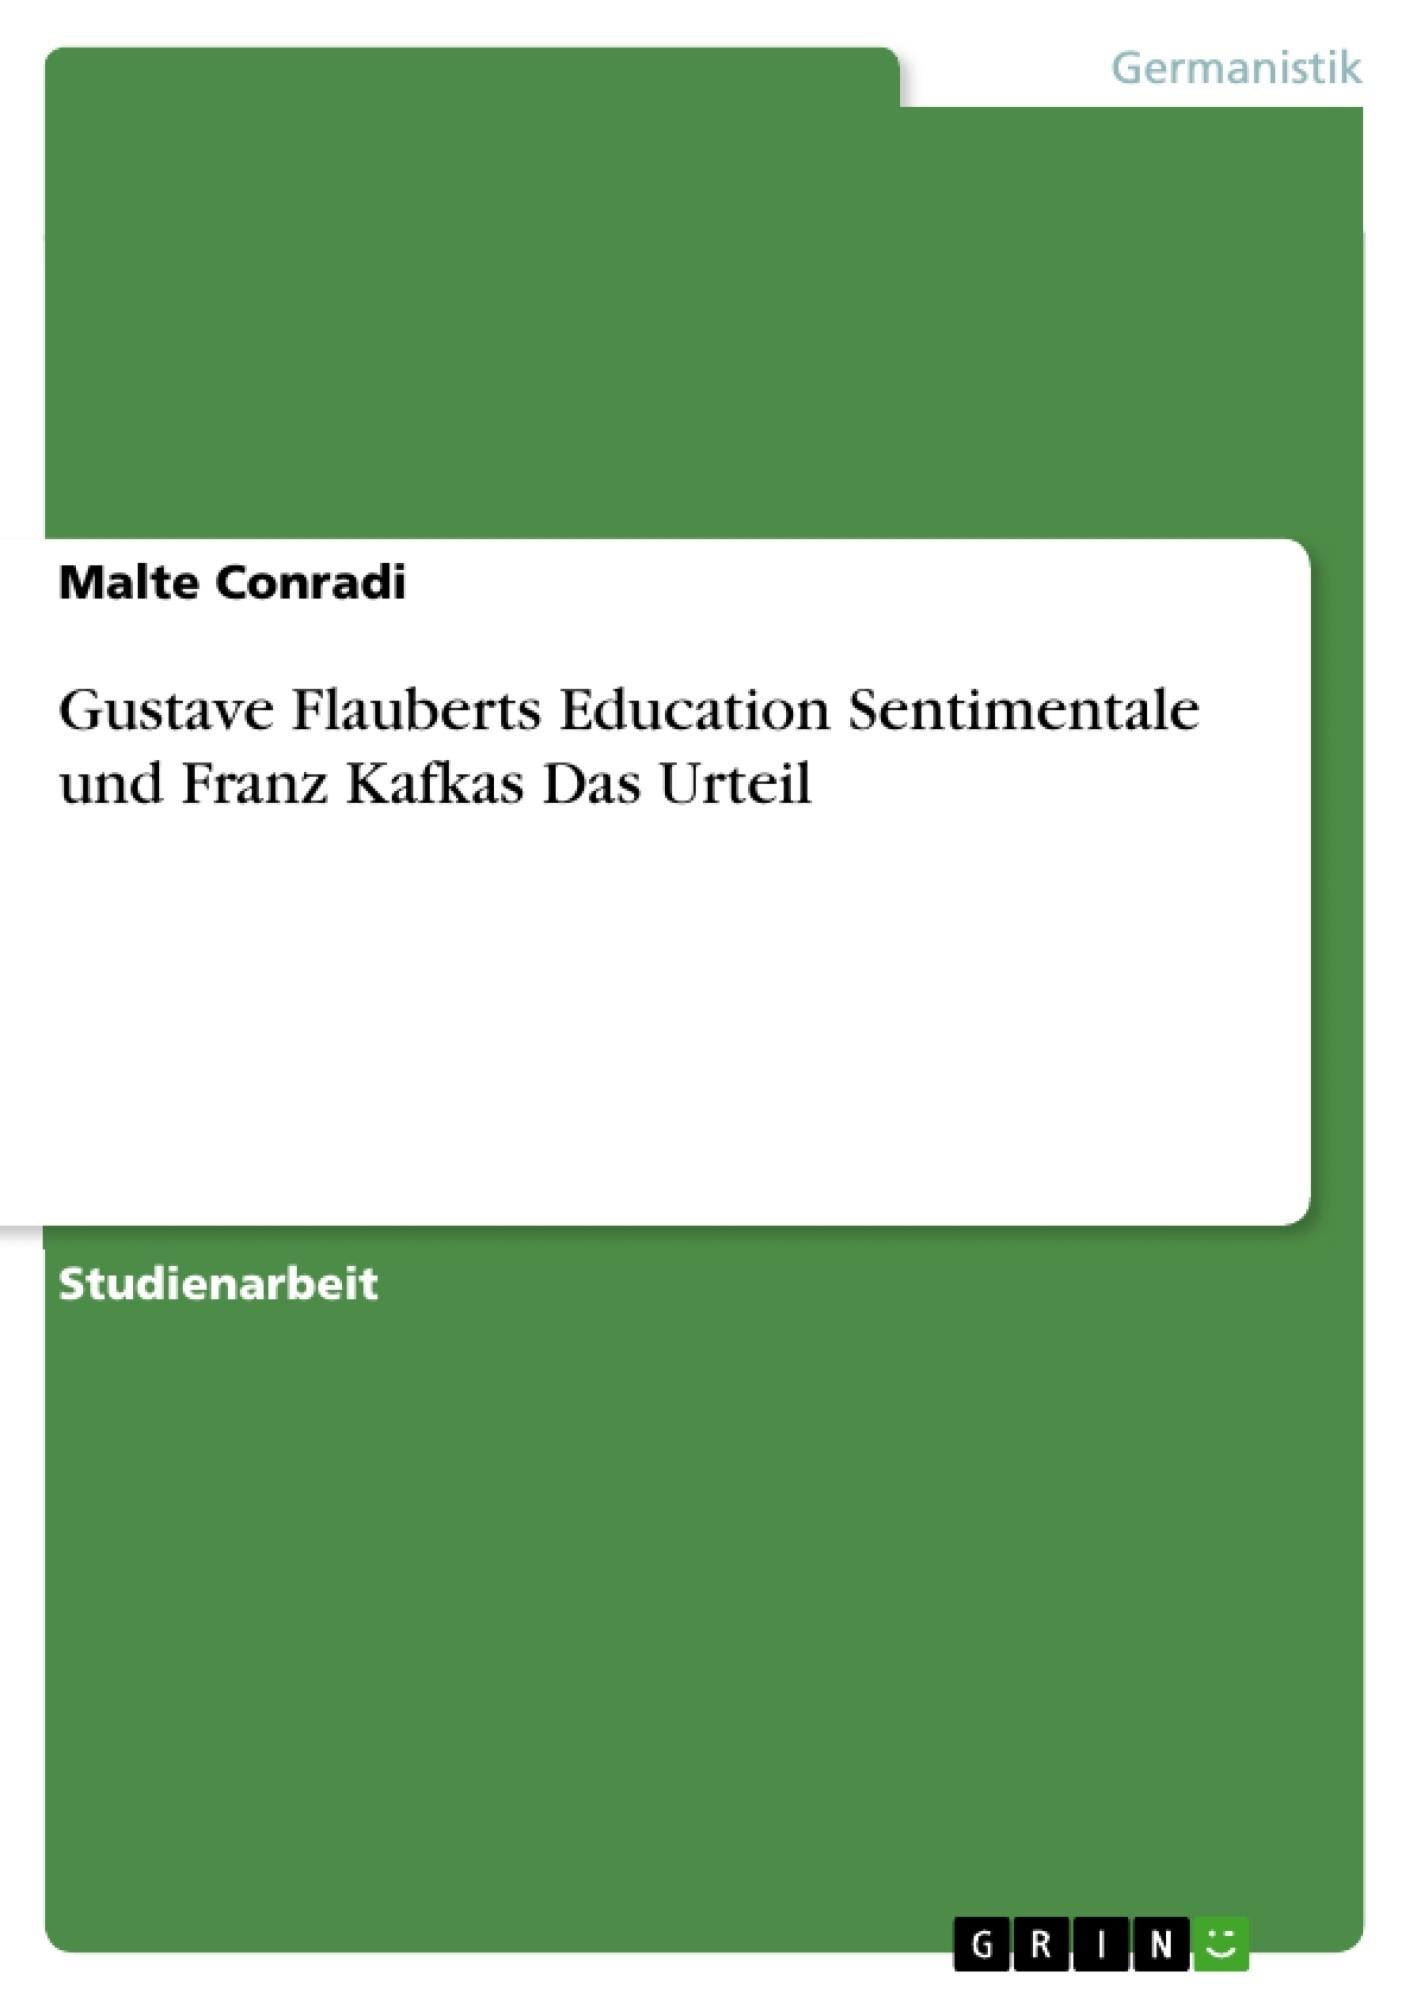 Titel: Gustave Flauberts Education Sentimentale und Franz Kafkas Das Urteil